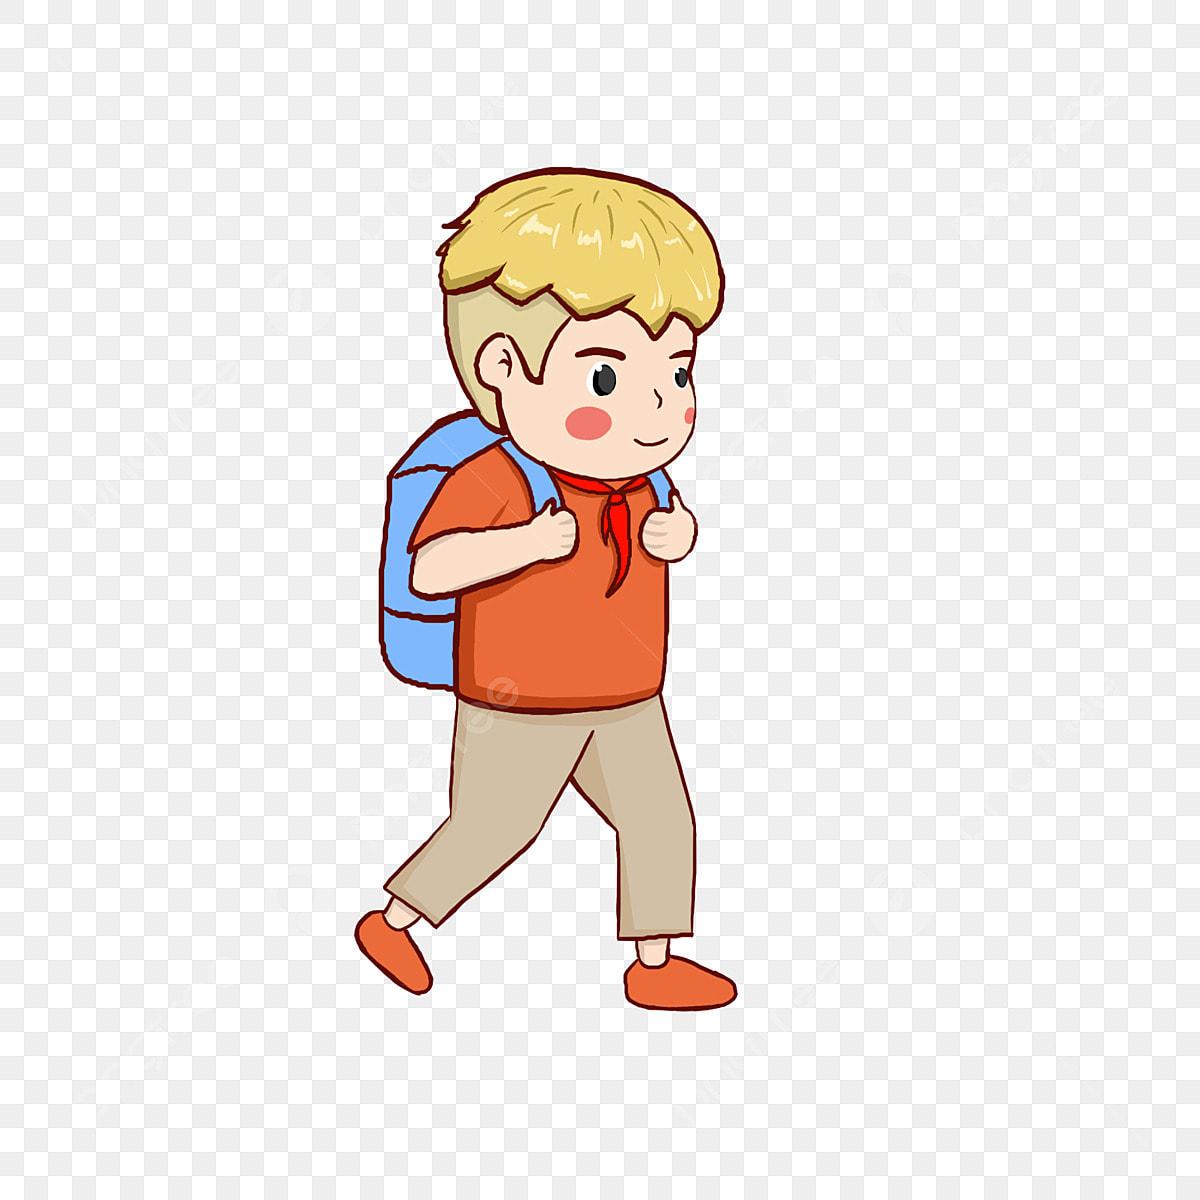 Ilustrasi Watak Musim Terbuka Budak Kecil Pergi Ke Sekolah